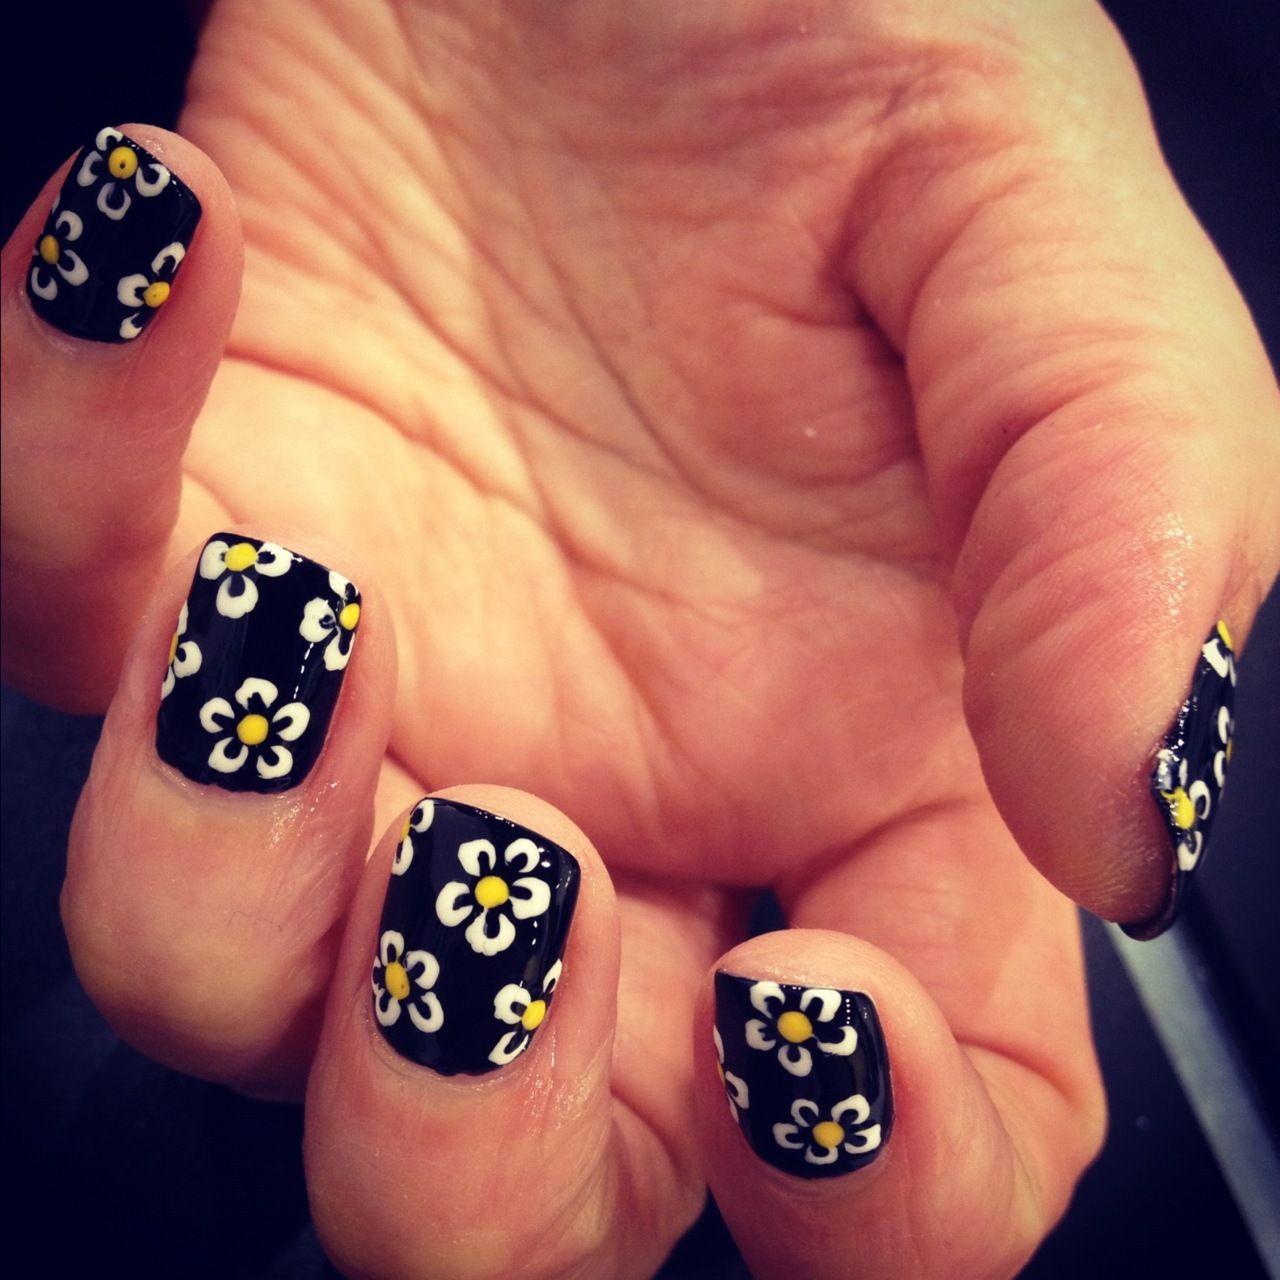 Daisies - WAH Nails | Nail Art ッ | Pinterest | Daisy nails, Make up ...